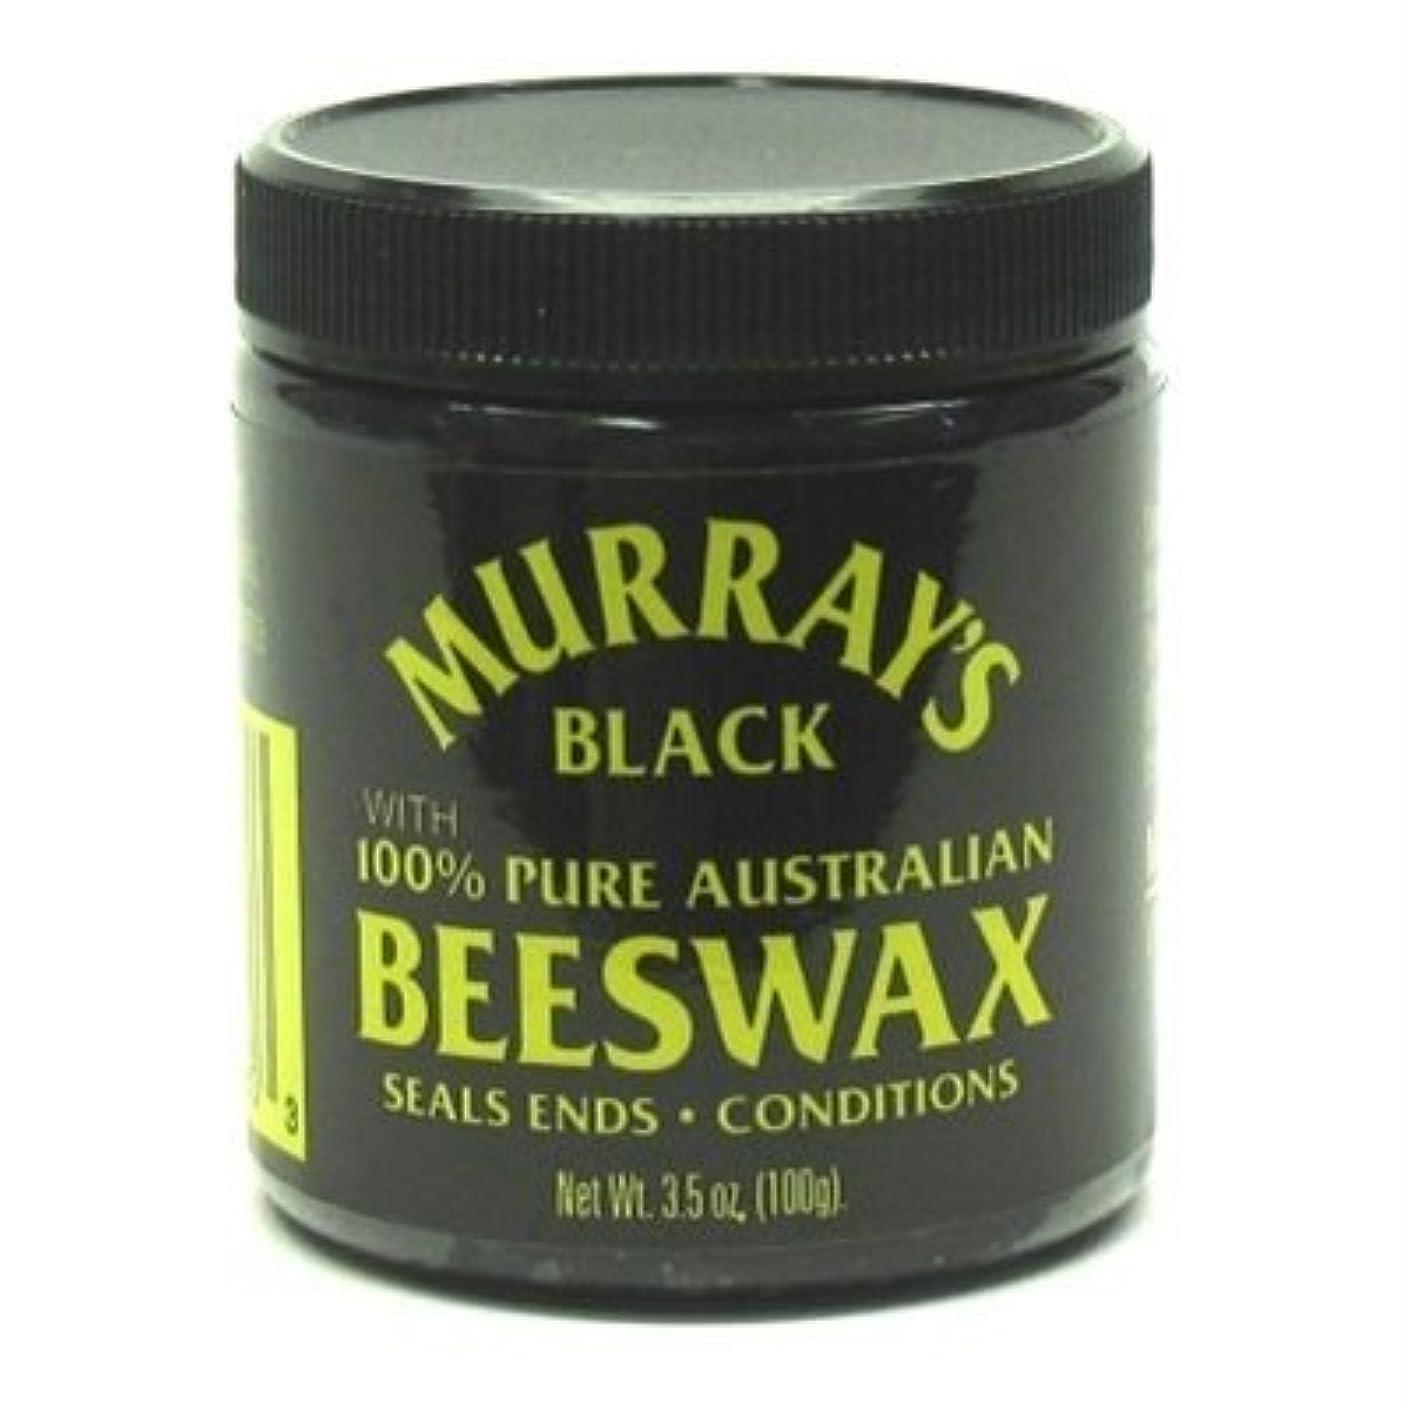 お母さん蒸し器生き返らせるMurray's 黒蜜ろう、3.5オズ(2パック)